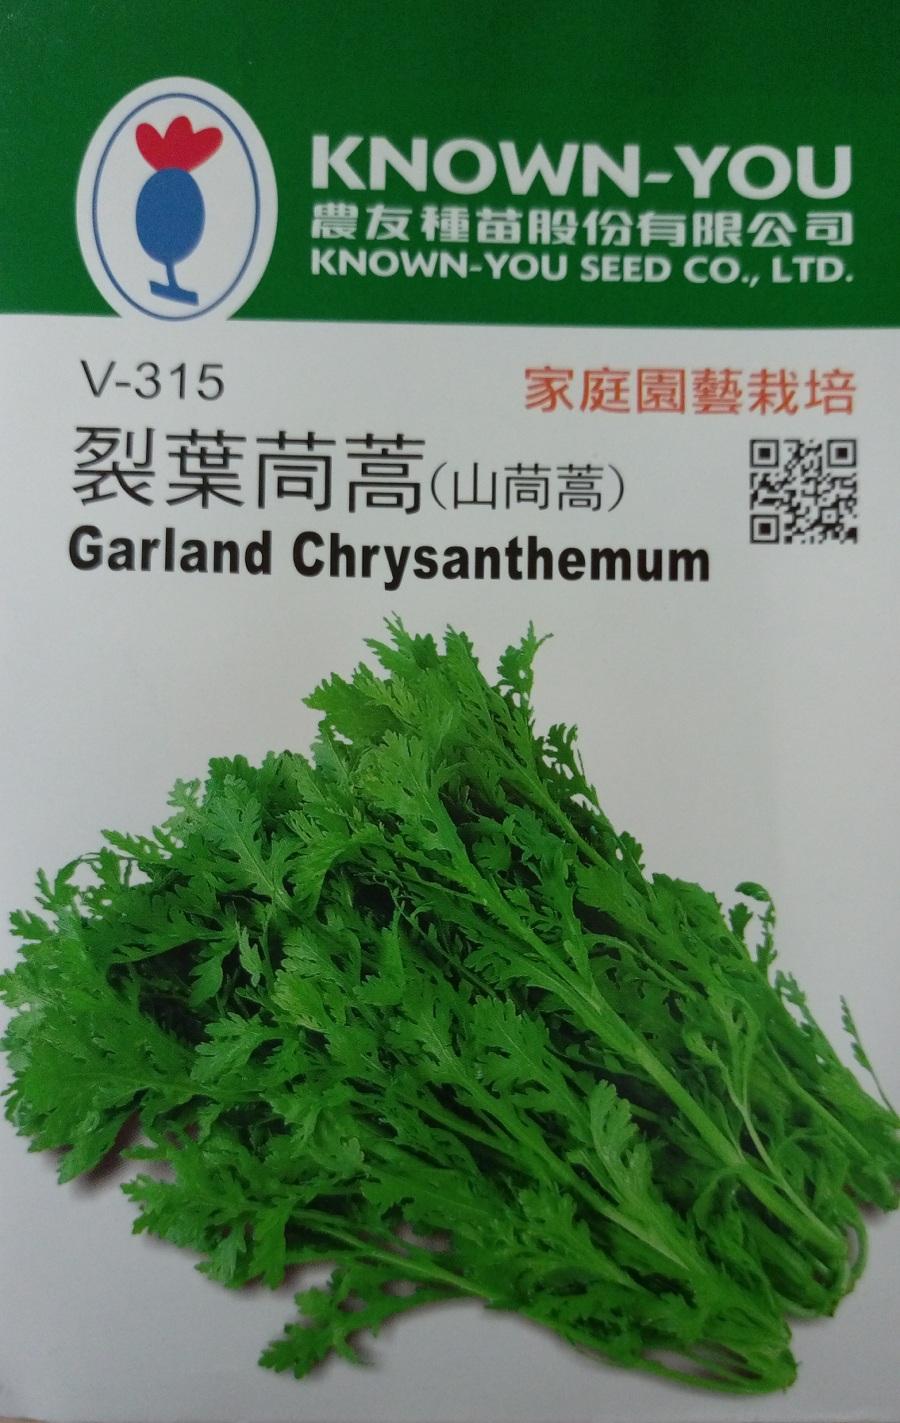 【尋花趣】農友種苗 裂葉茼蒿(山茼蒿) 蔬菜種子 每包約500粒 保證新鮮種子